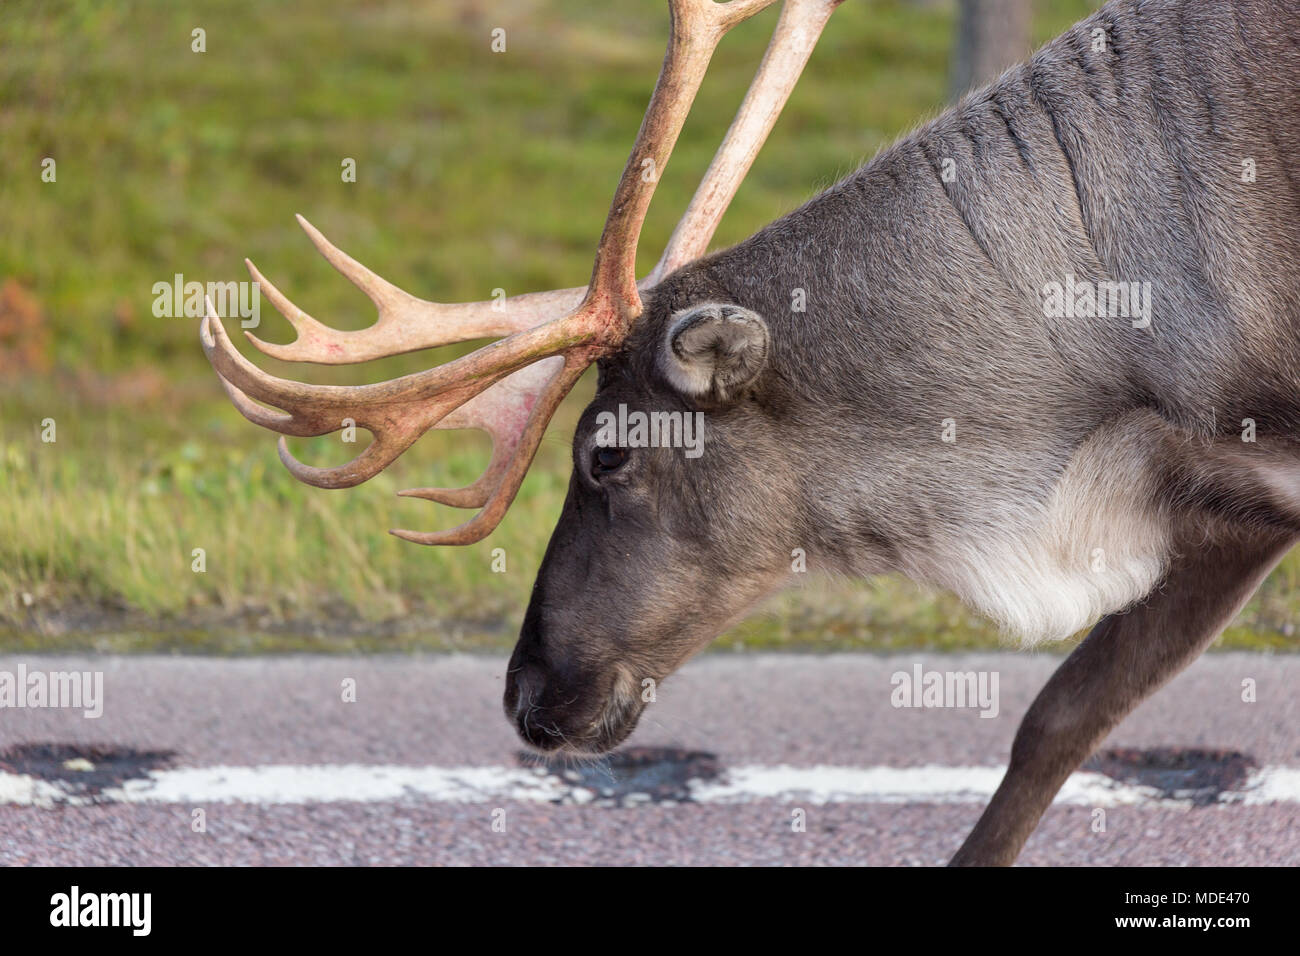 Le renne avec panache sanglant marche sur le côté de la route Banque D'Images